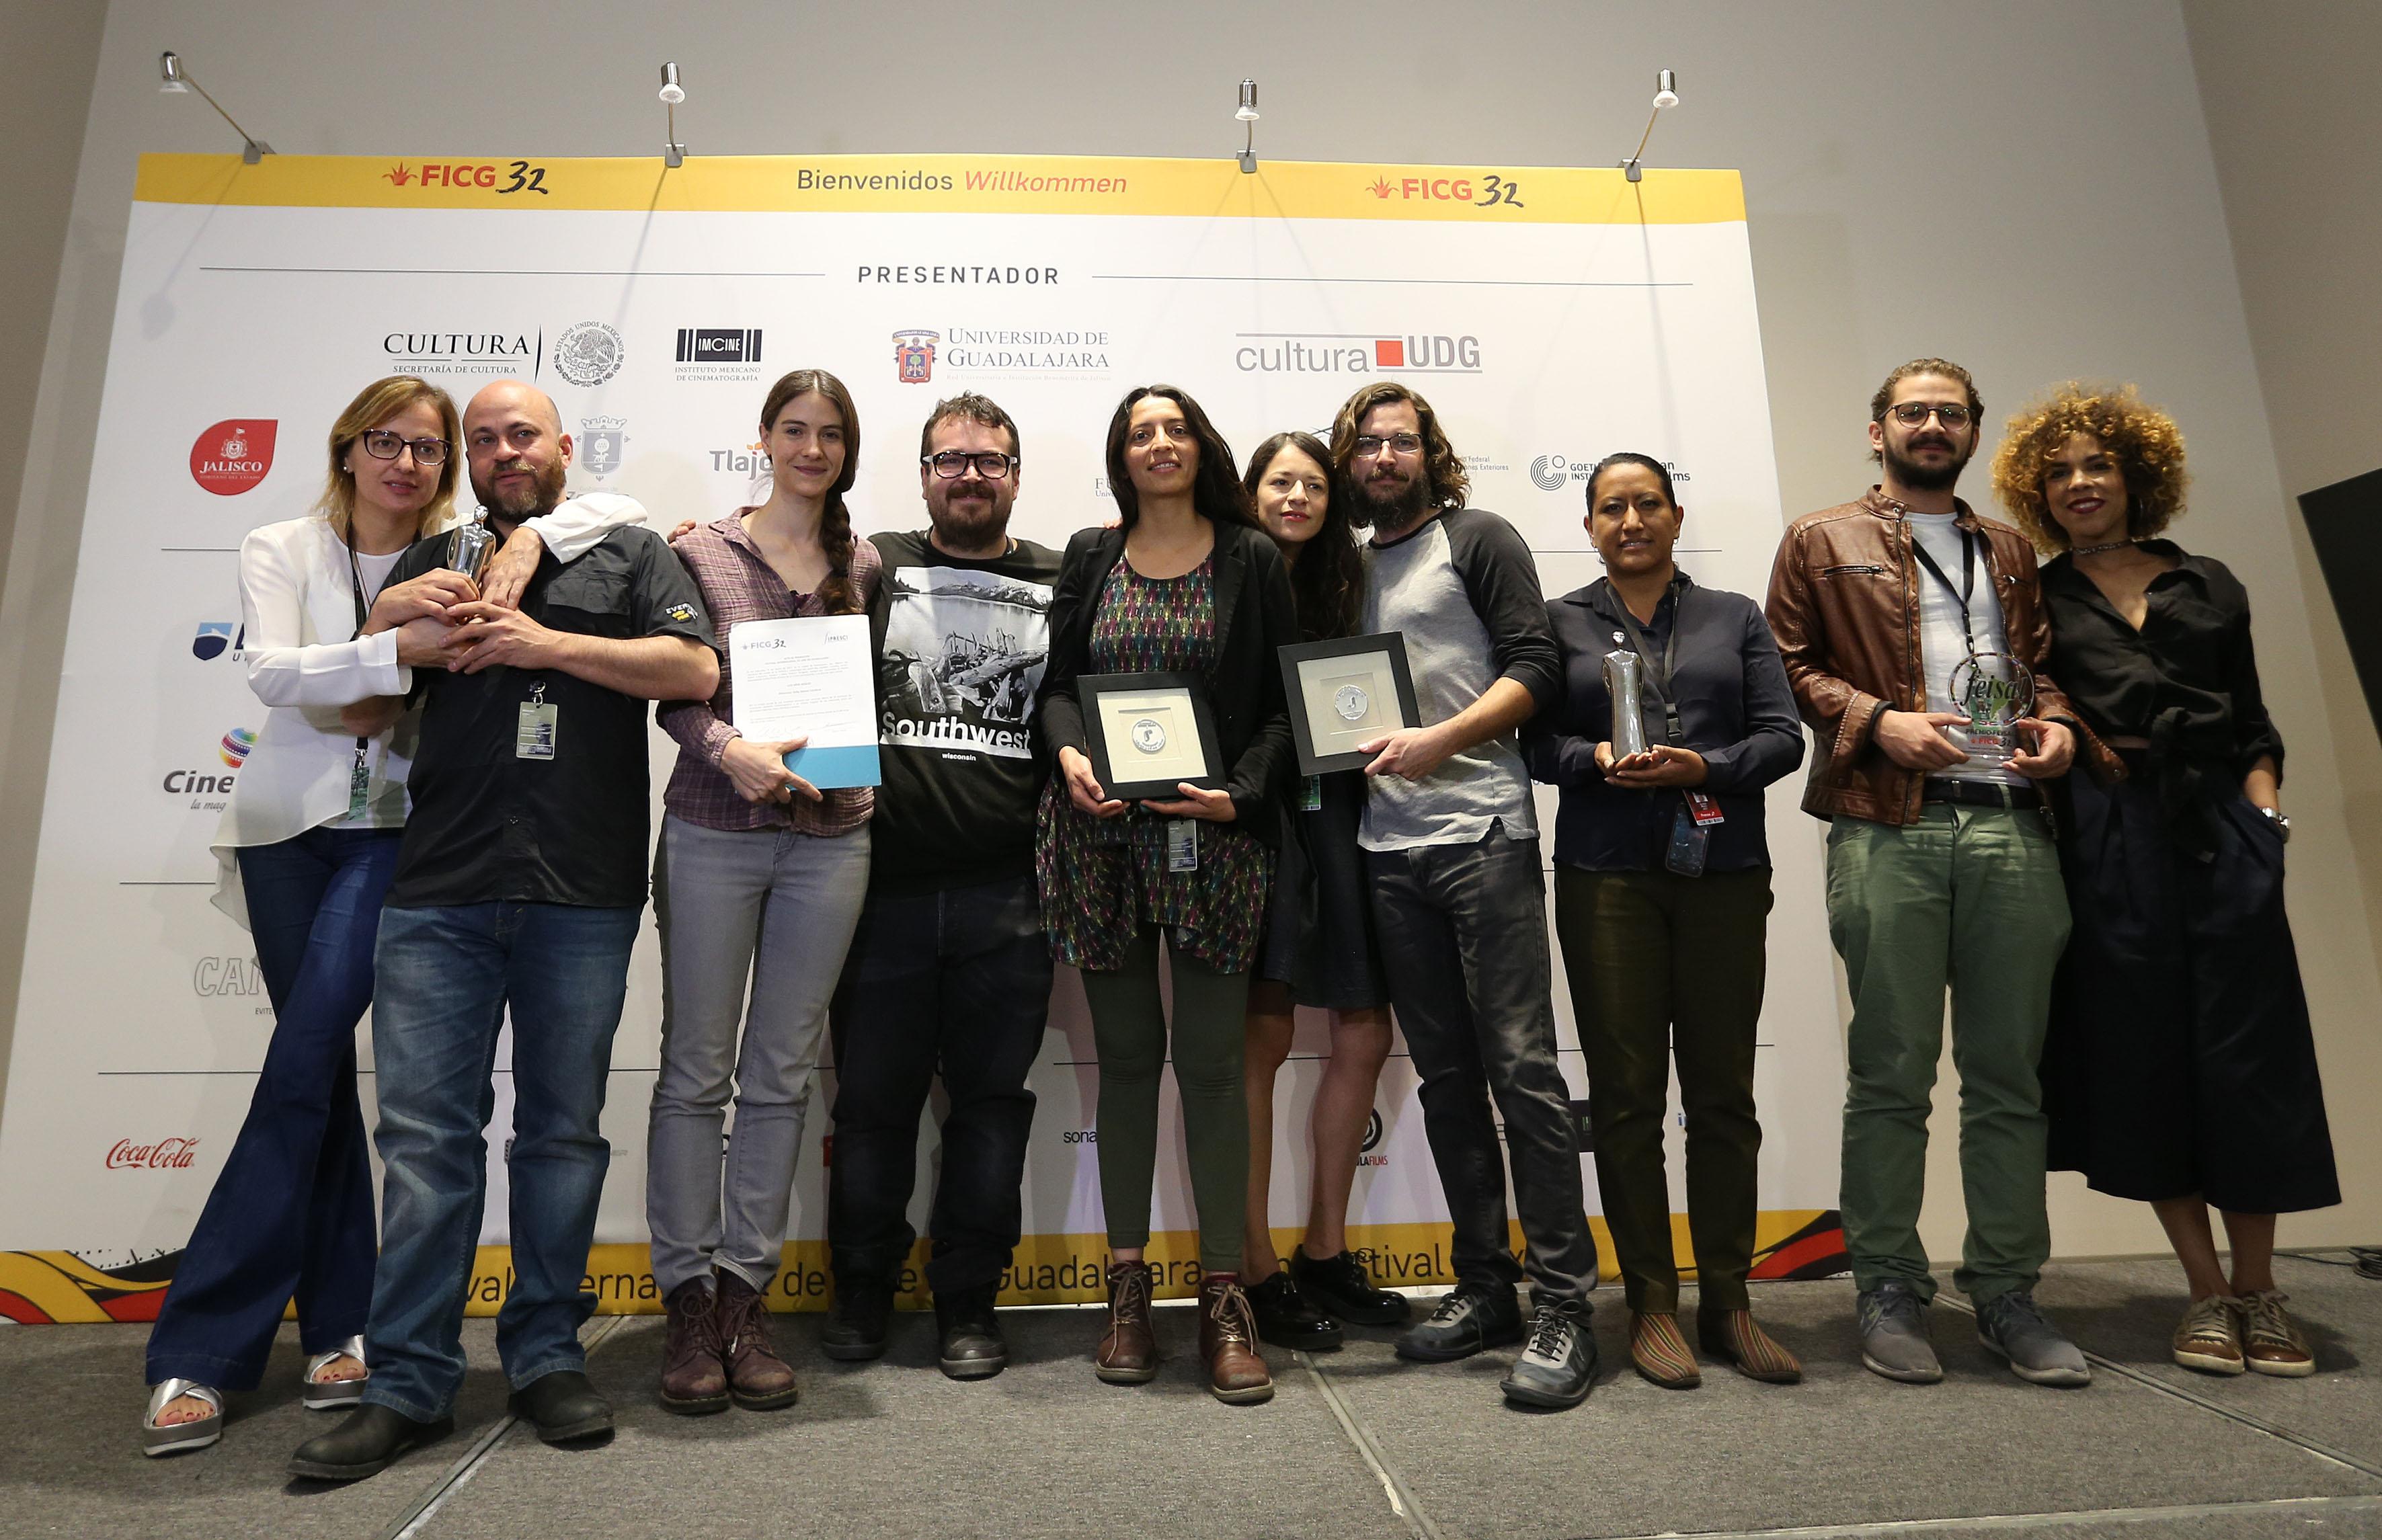 Ganadores de los premios paralelos 2017, exhibiendo sus reconocimientos.